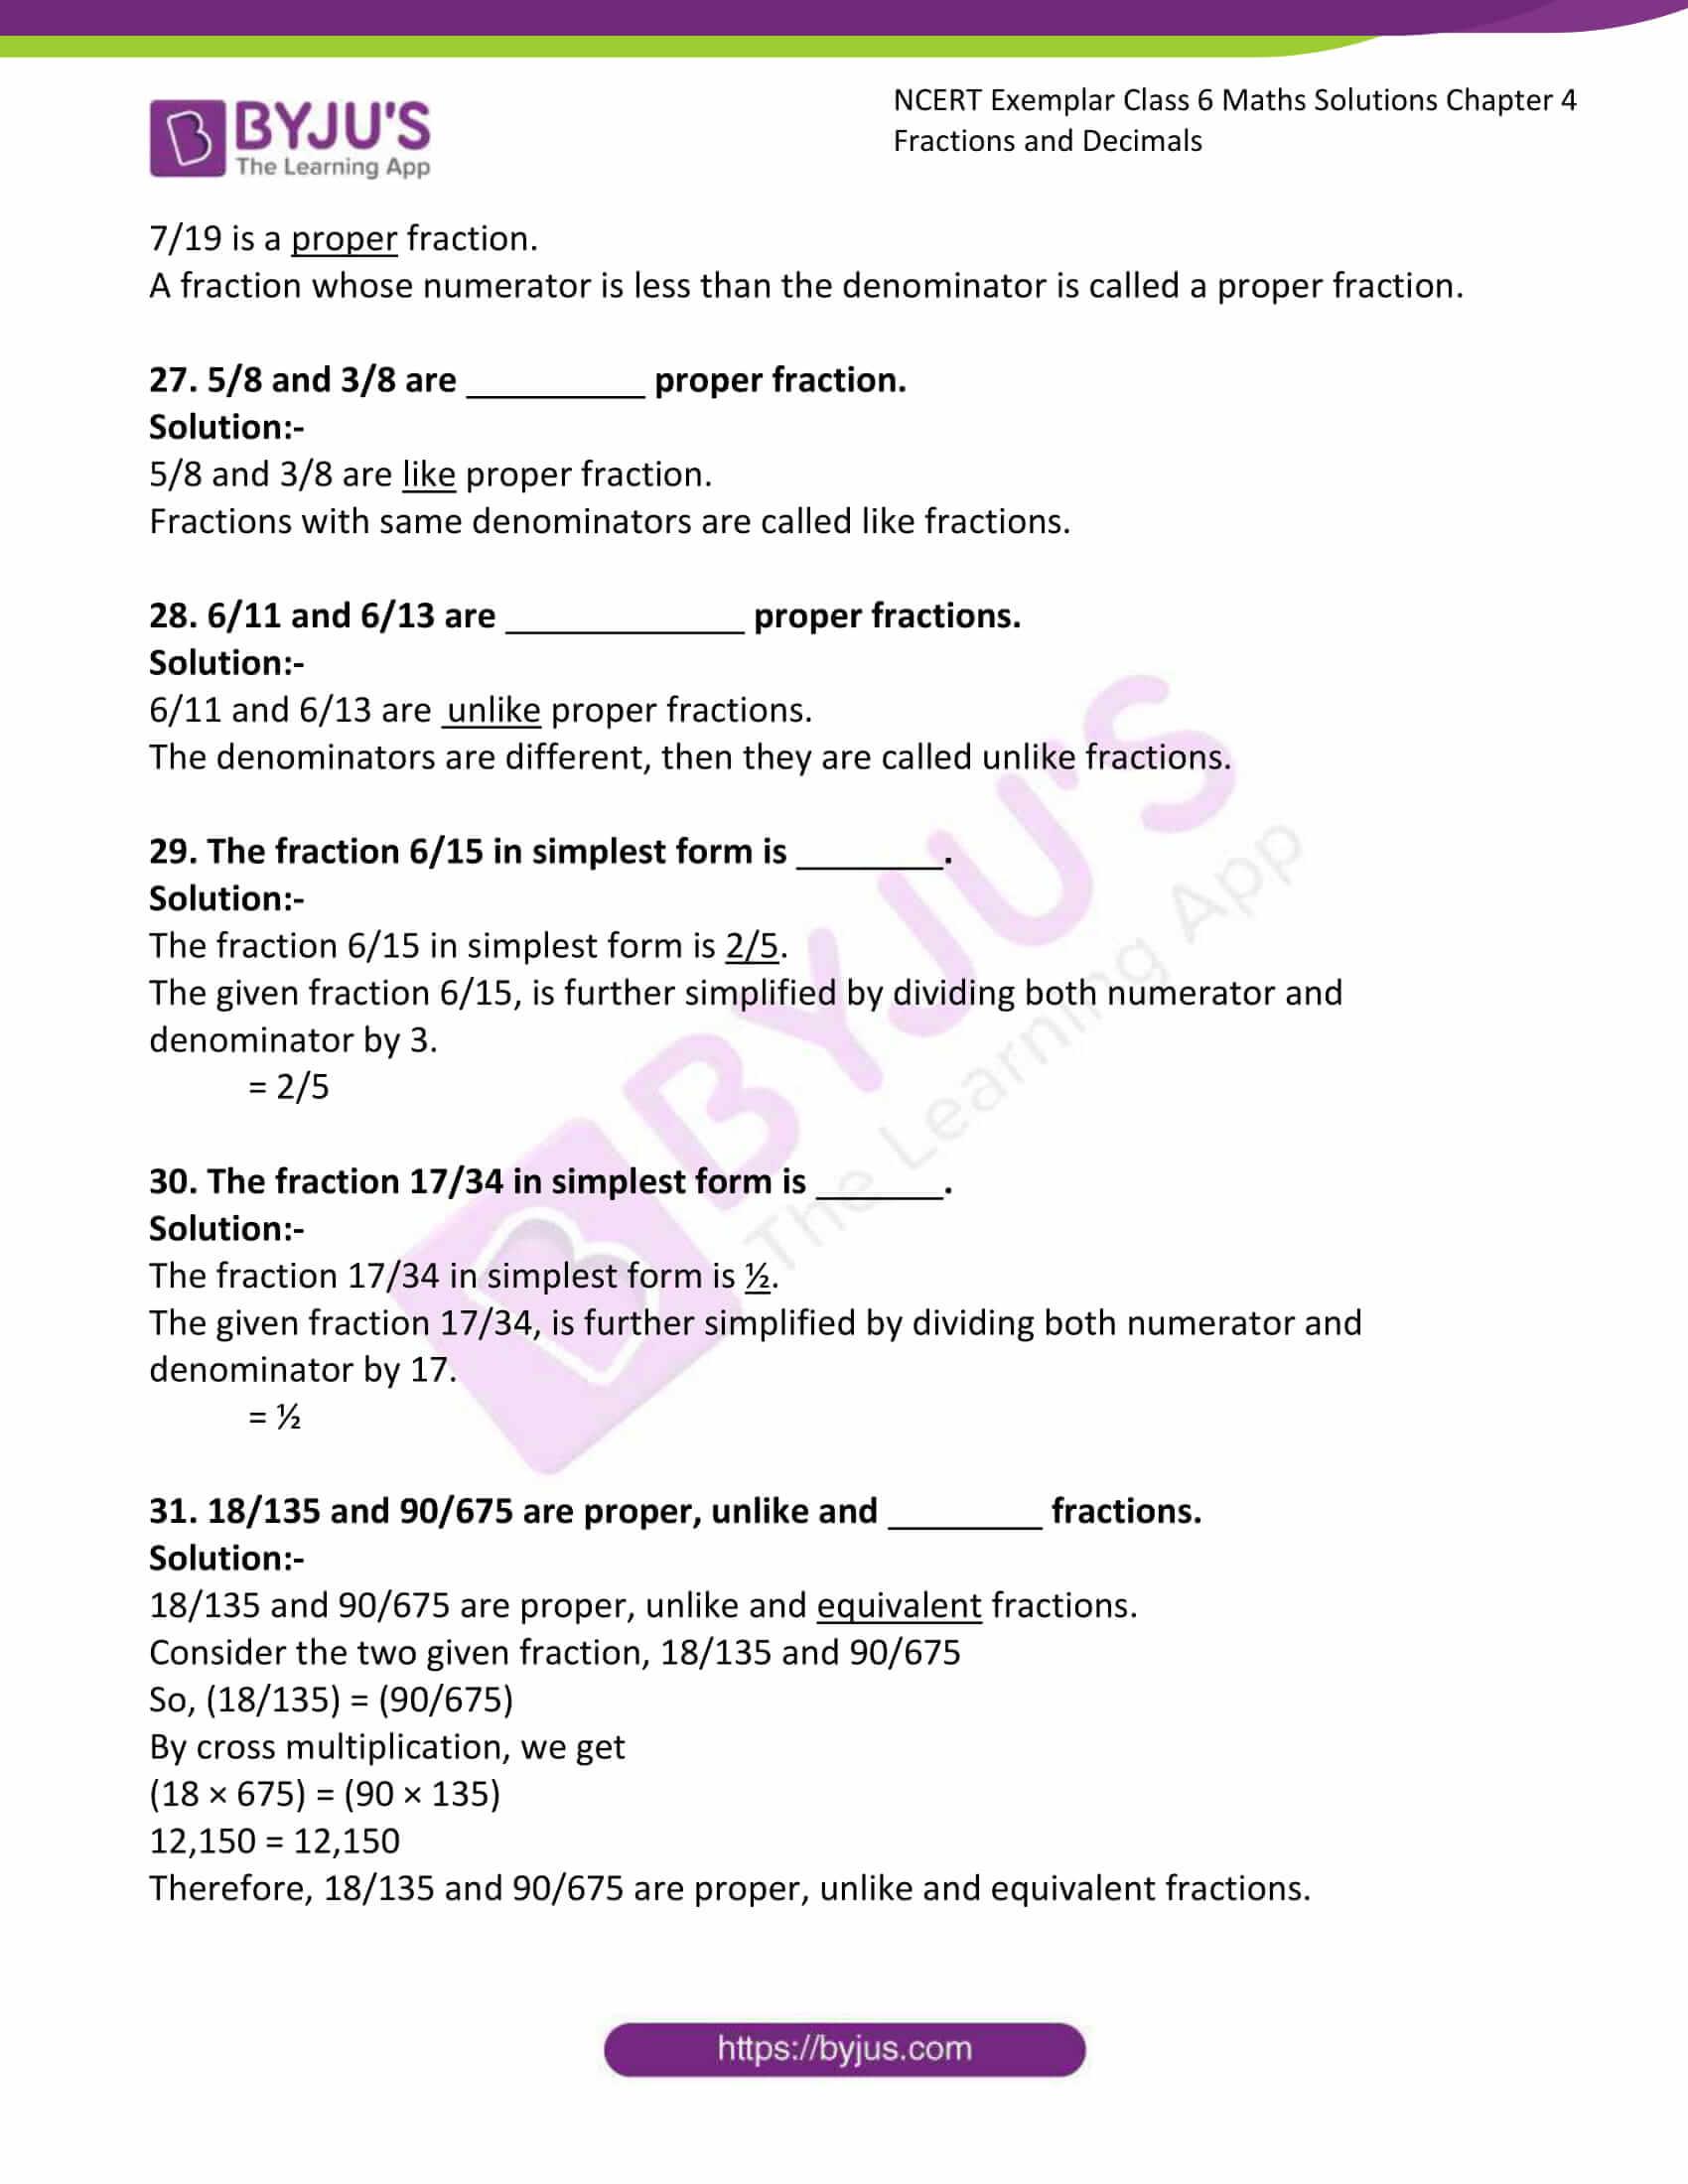 ncert exemplar class 6 maths sol ch 4 07